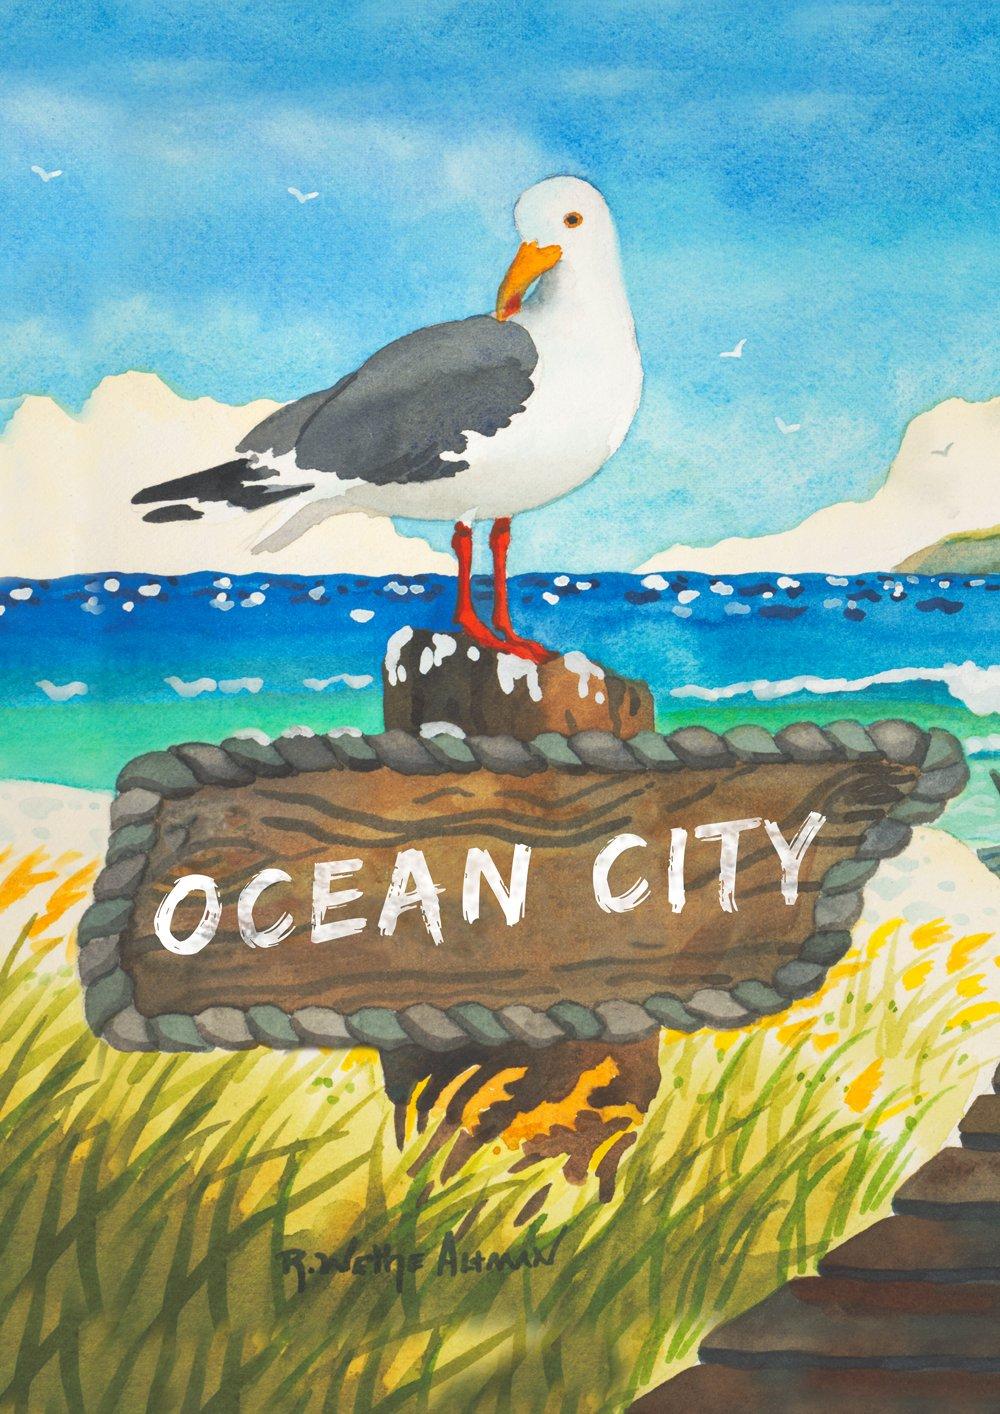 Toland Home Garden Beach Bird Ocean City 12.5 x 18 Inch Decorative Maryland Garden Flag